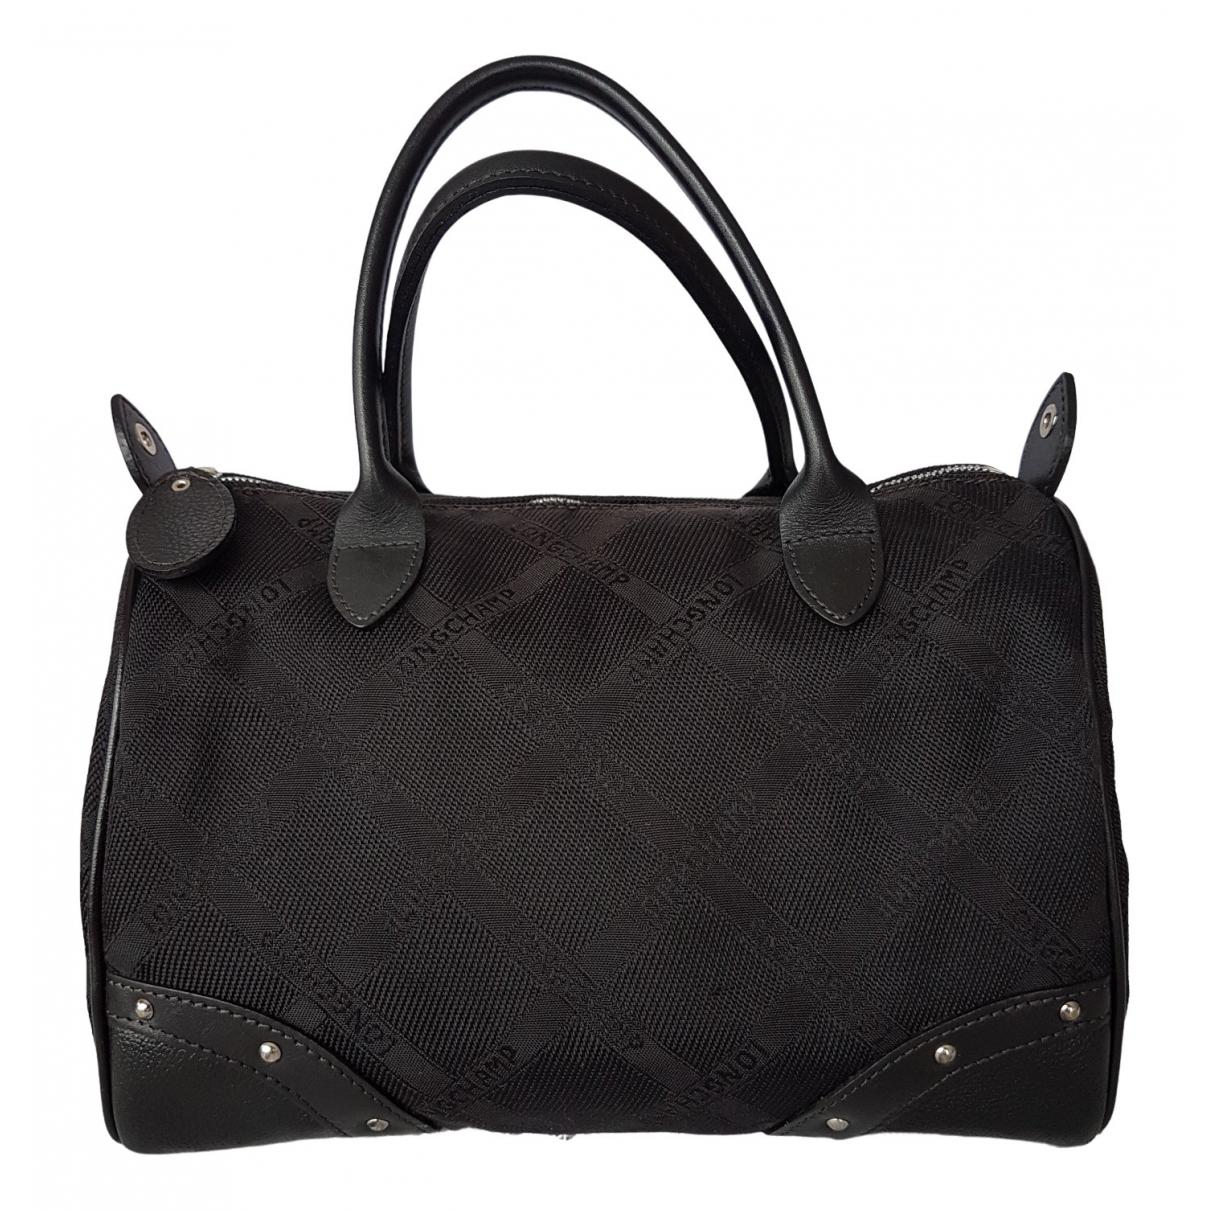 Longchamp - Sac a main   pour femme en toile - noir